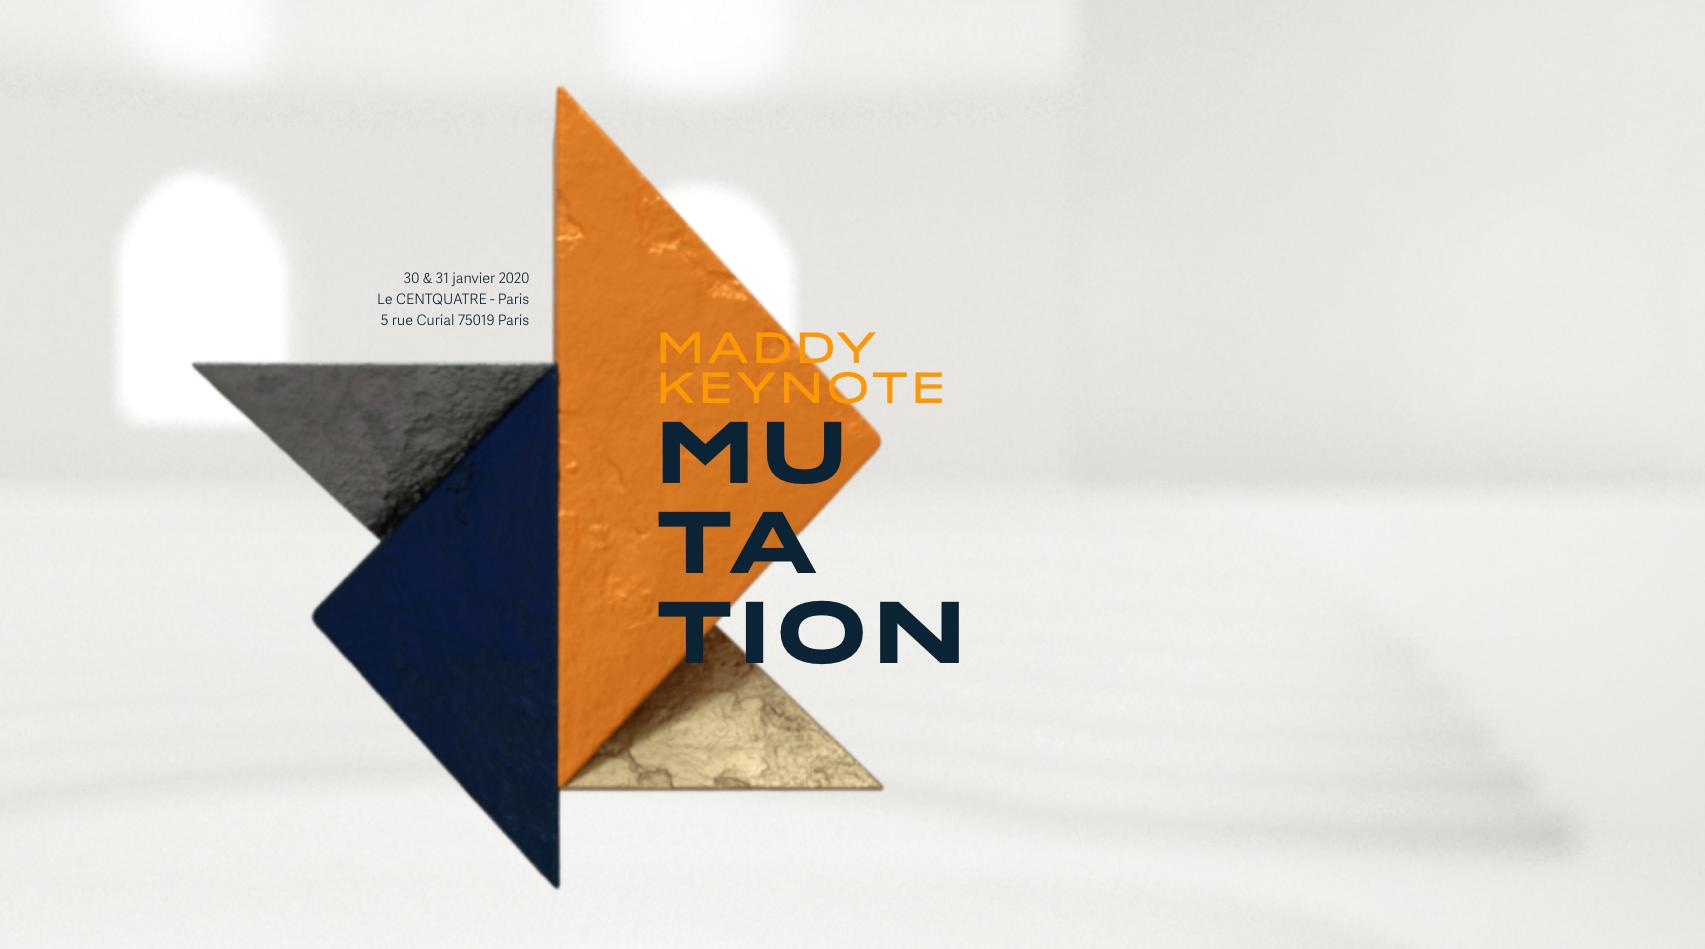 Freebe : 20 places à gagner pour la 5ème édition de la Maddy Keynote!